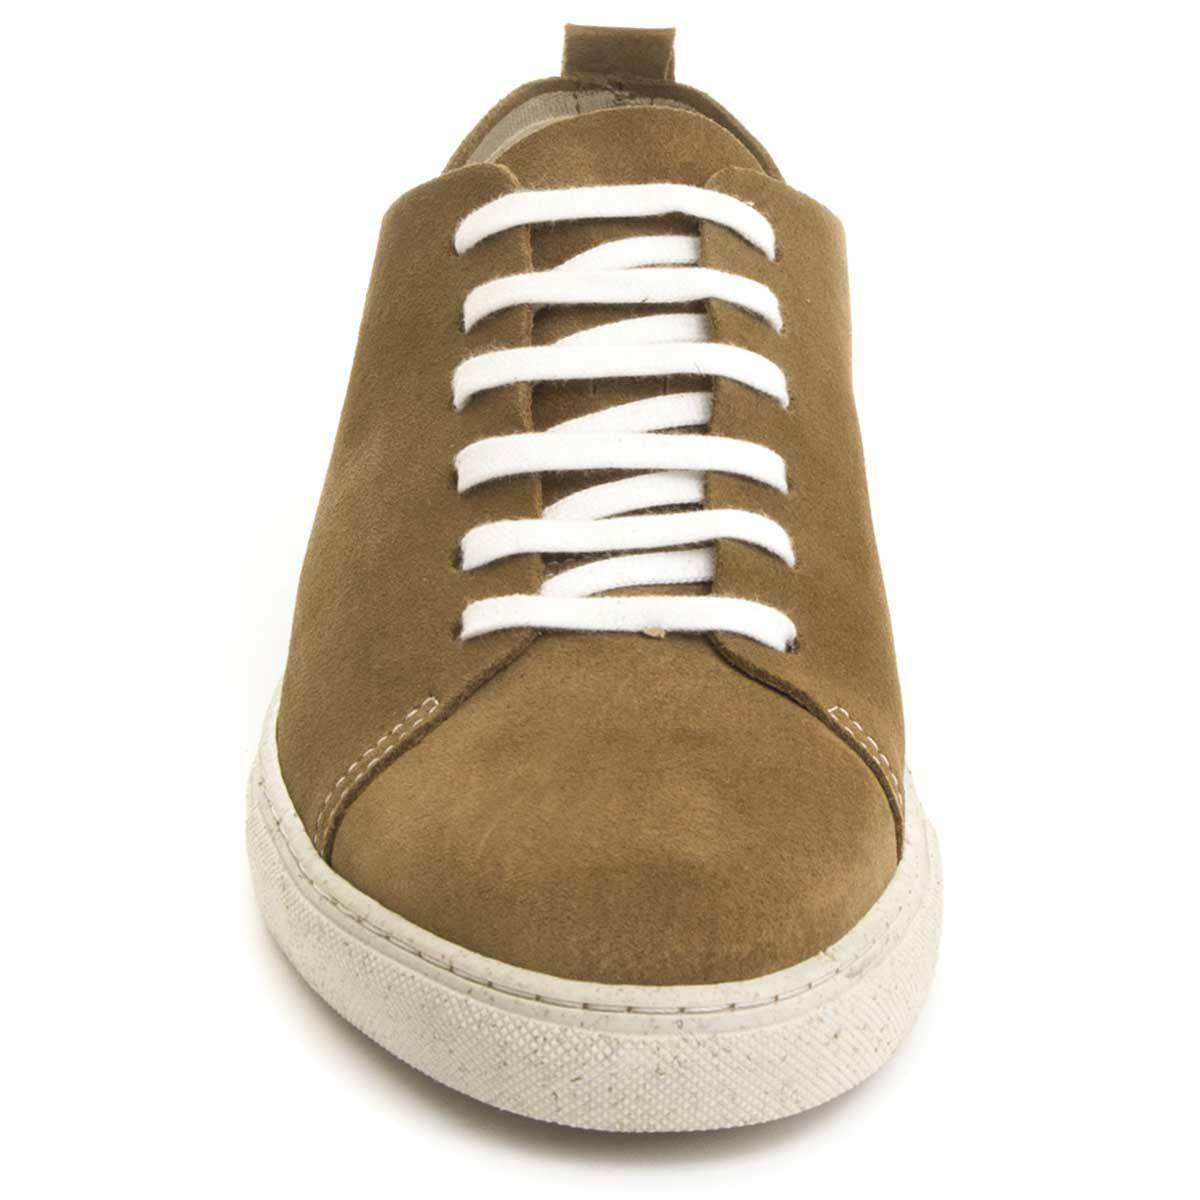 Montevita Sneaker in Camel